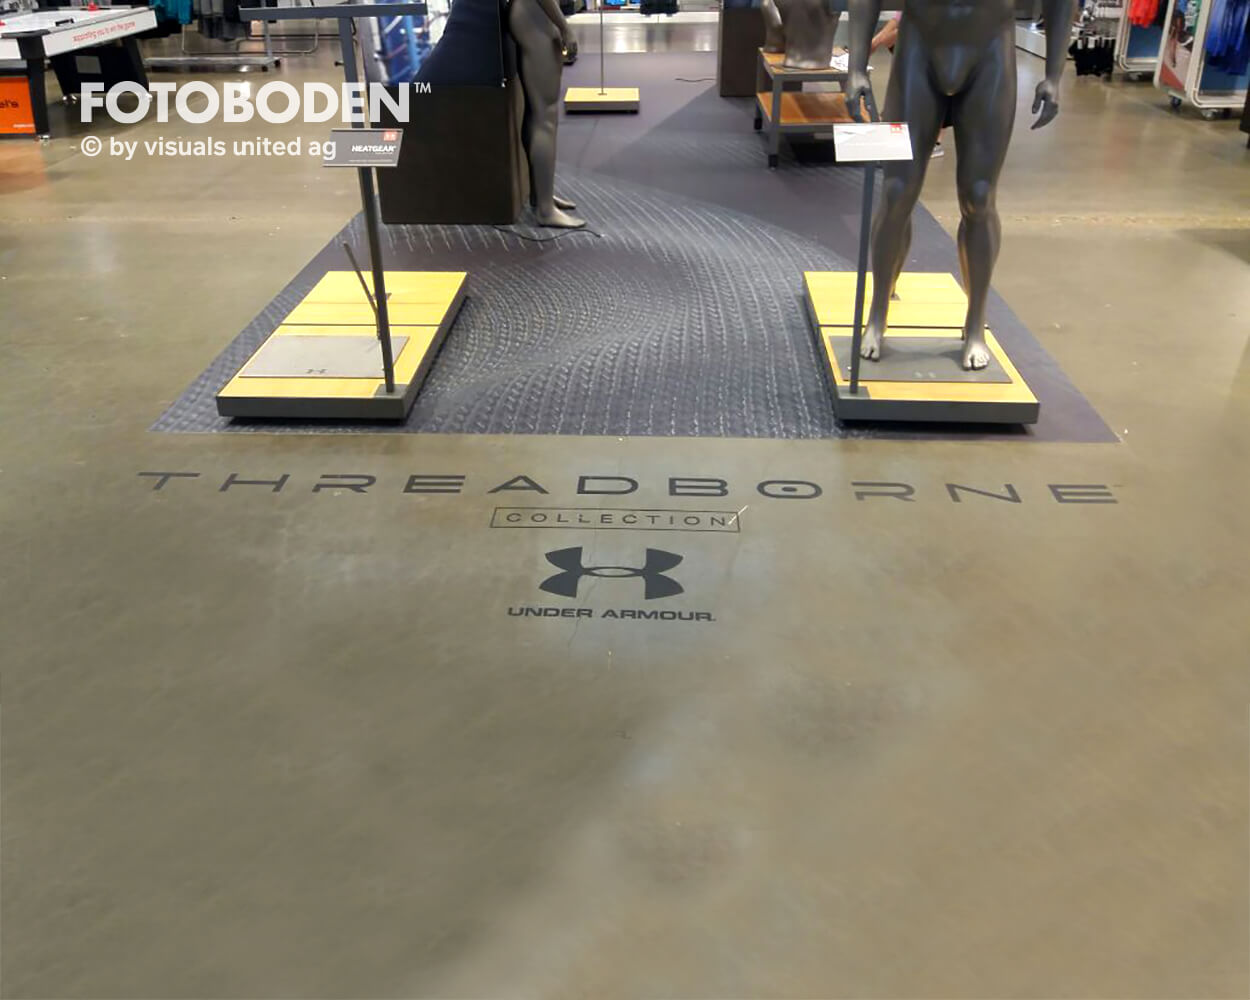 Underarmour4 Fotoboden Flooring Fußboden Bodengestaltung Floorminder Bodendruck Werbung Fußbodenwerbung Bodenwerbung Merchandising Advertising Visualmerchandising